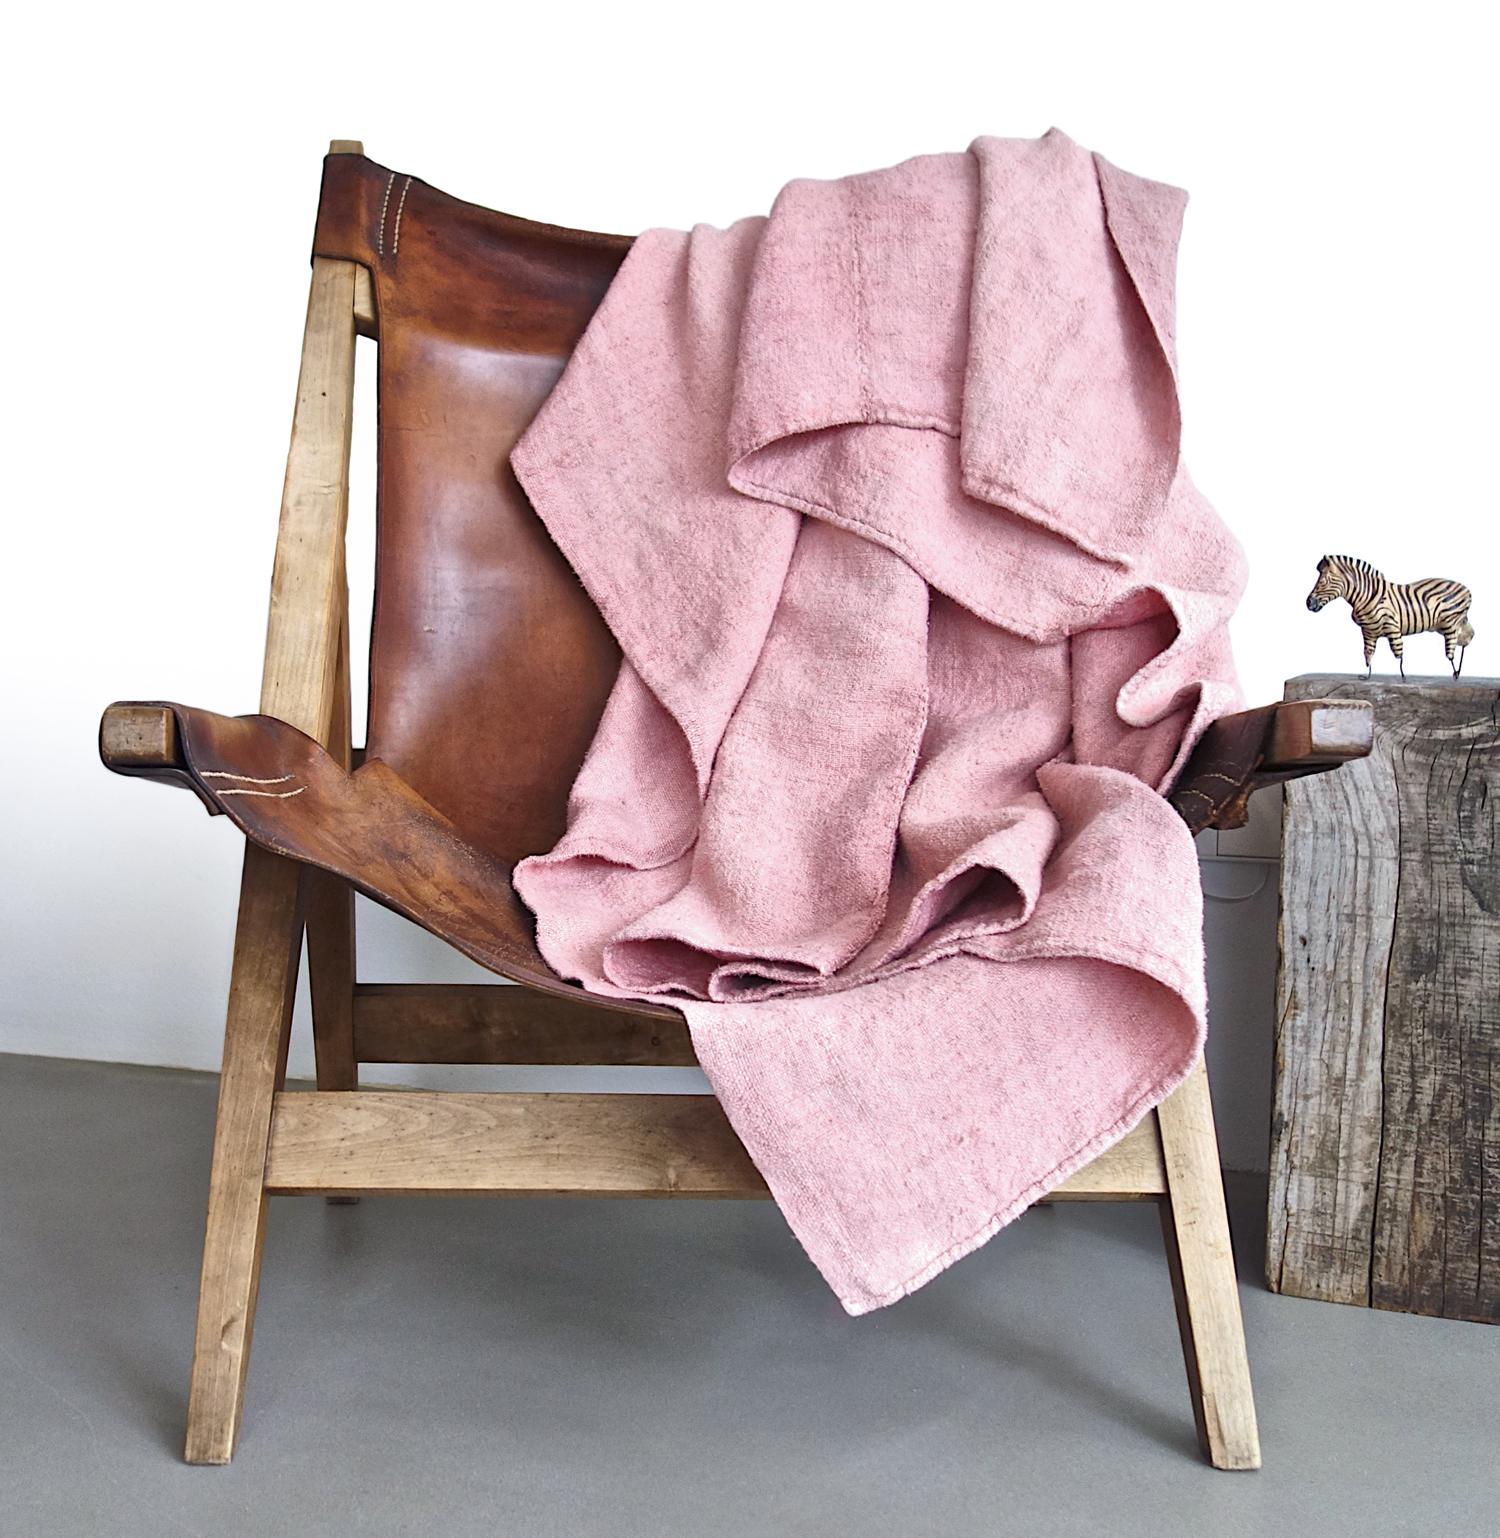 espanyolet_pink_hemp_blanket_custom_hand_painted.jpg